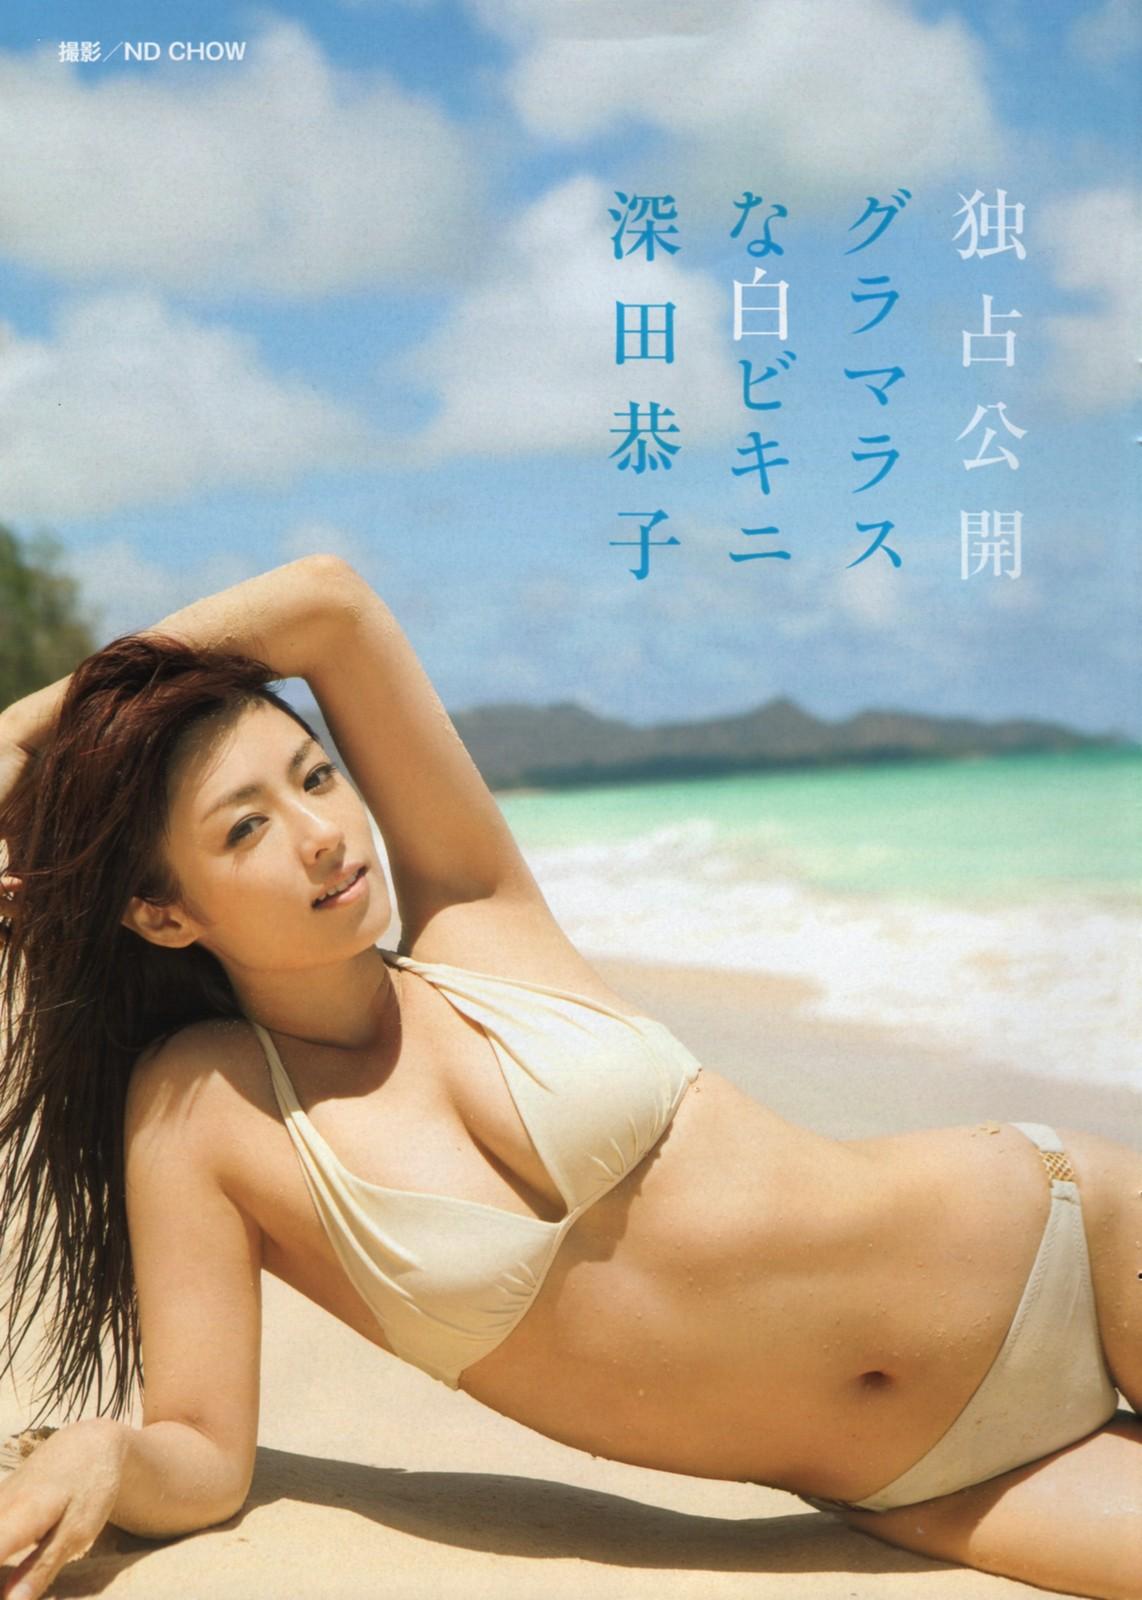 白いビキニ姿のセクシーポーズの深田恭子